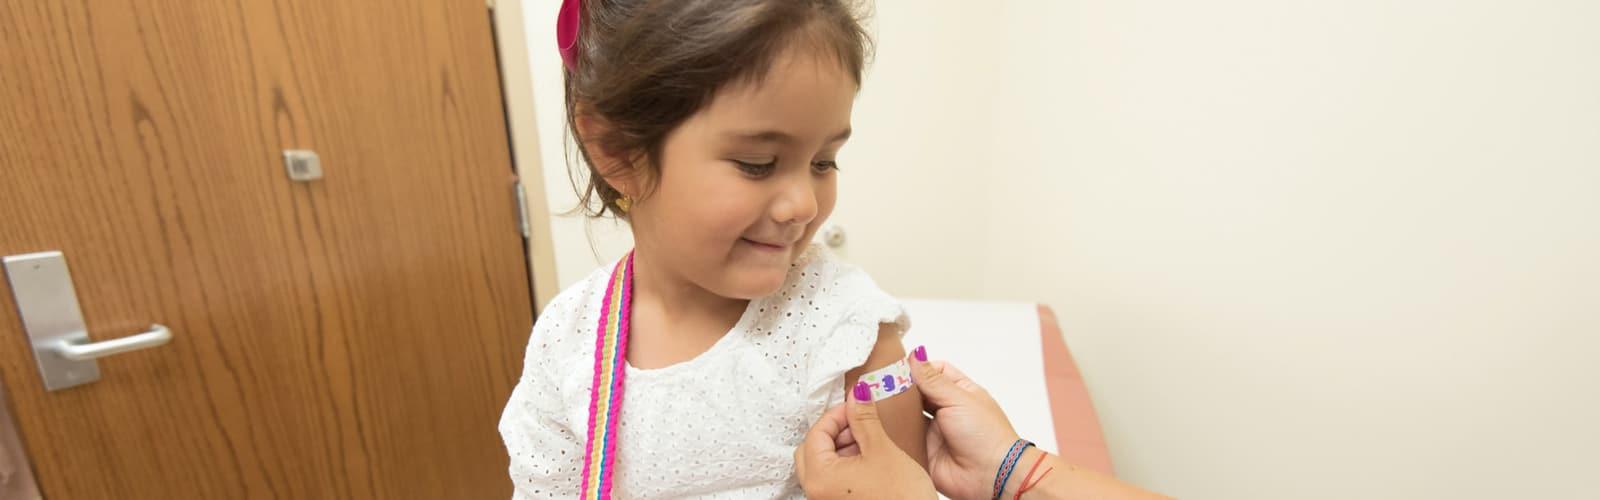 Remboursements chez le pédiatre : comment ça marche ?